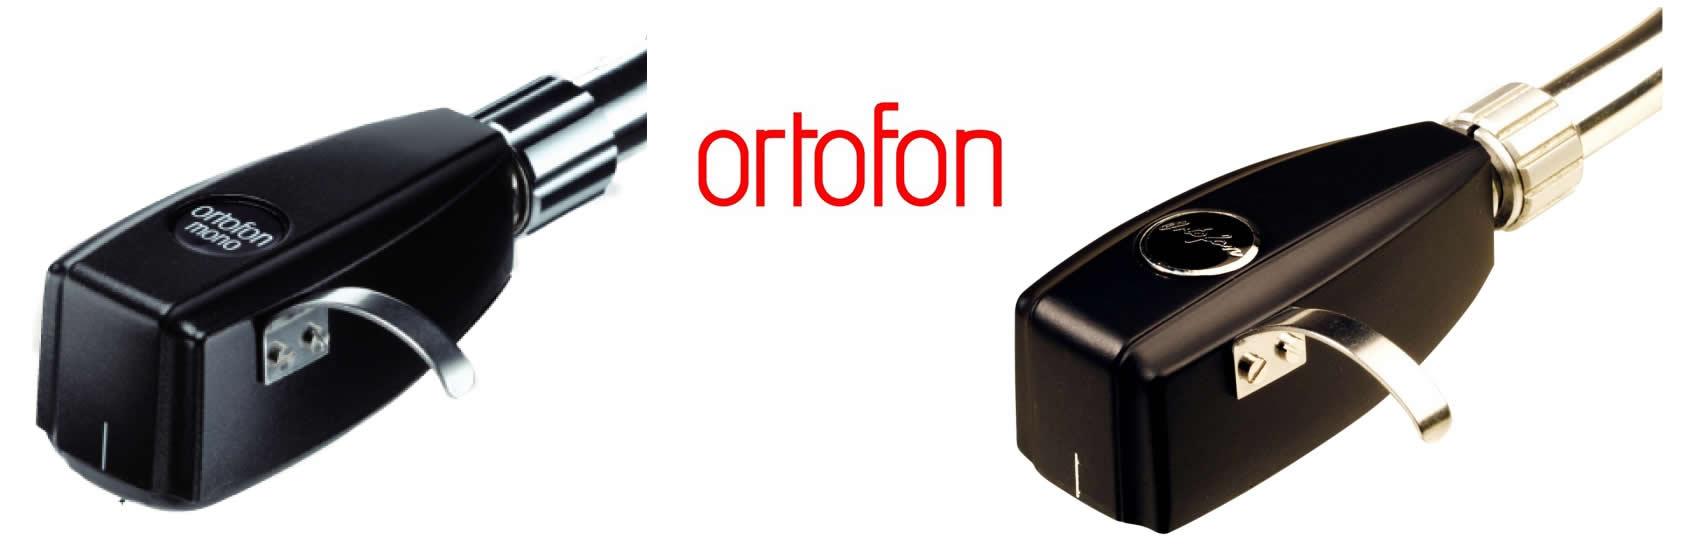 Ortofon SPU Mono GM MC-Tondose und SPU Mono CG 65 Di Mk II MC-Tondose kauft man beim AkustikTune Hifi Studio